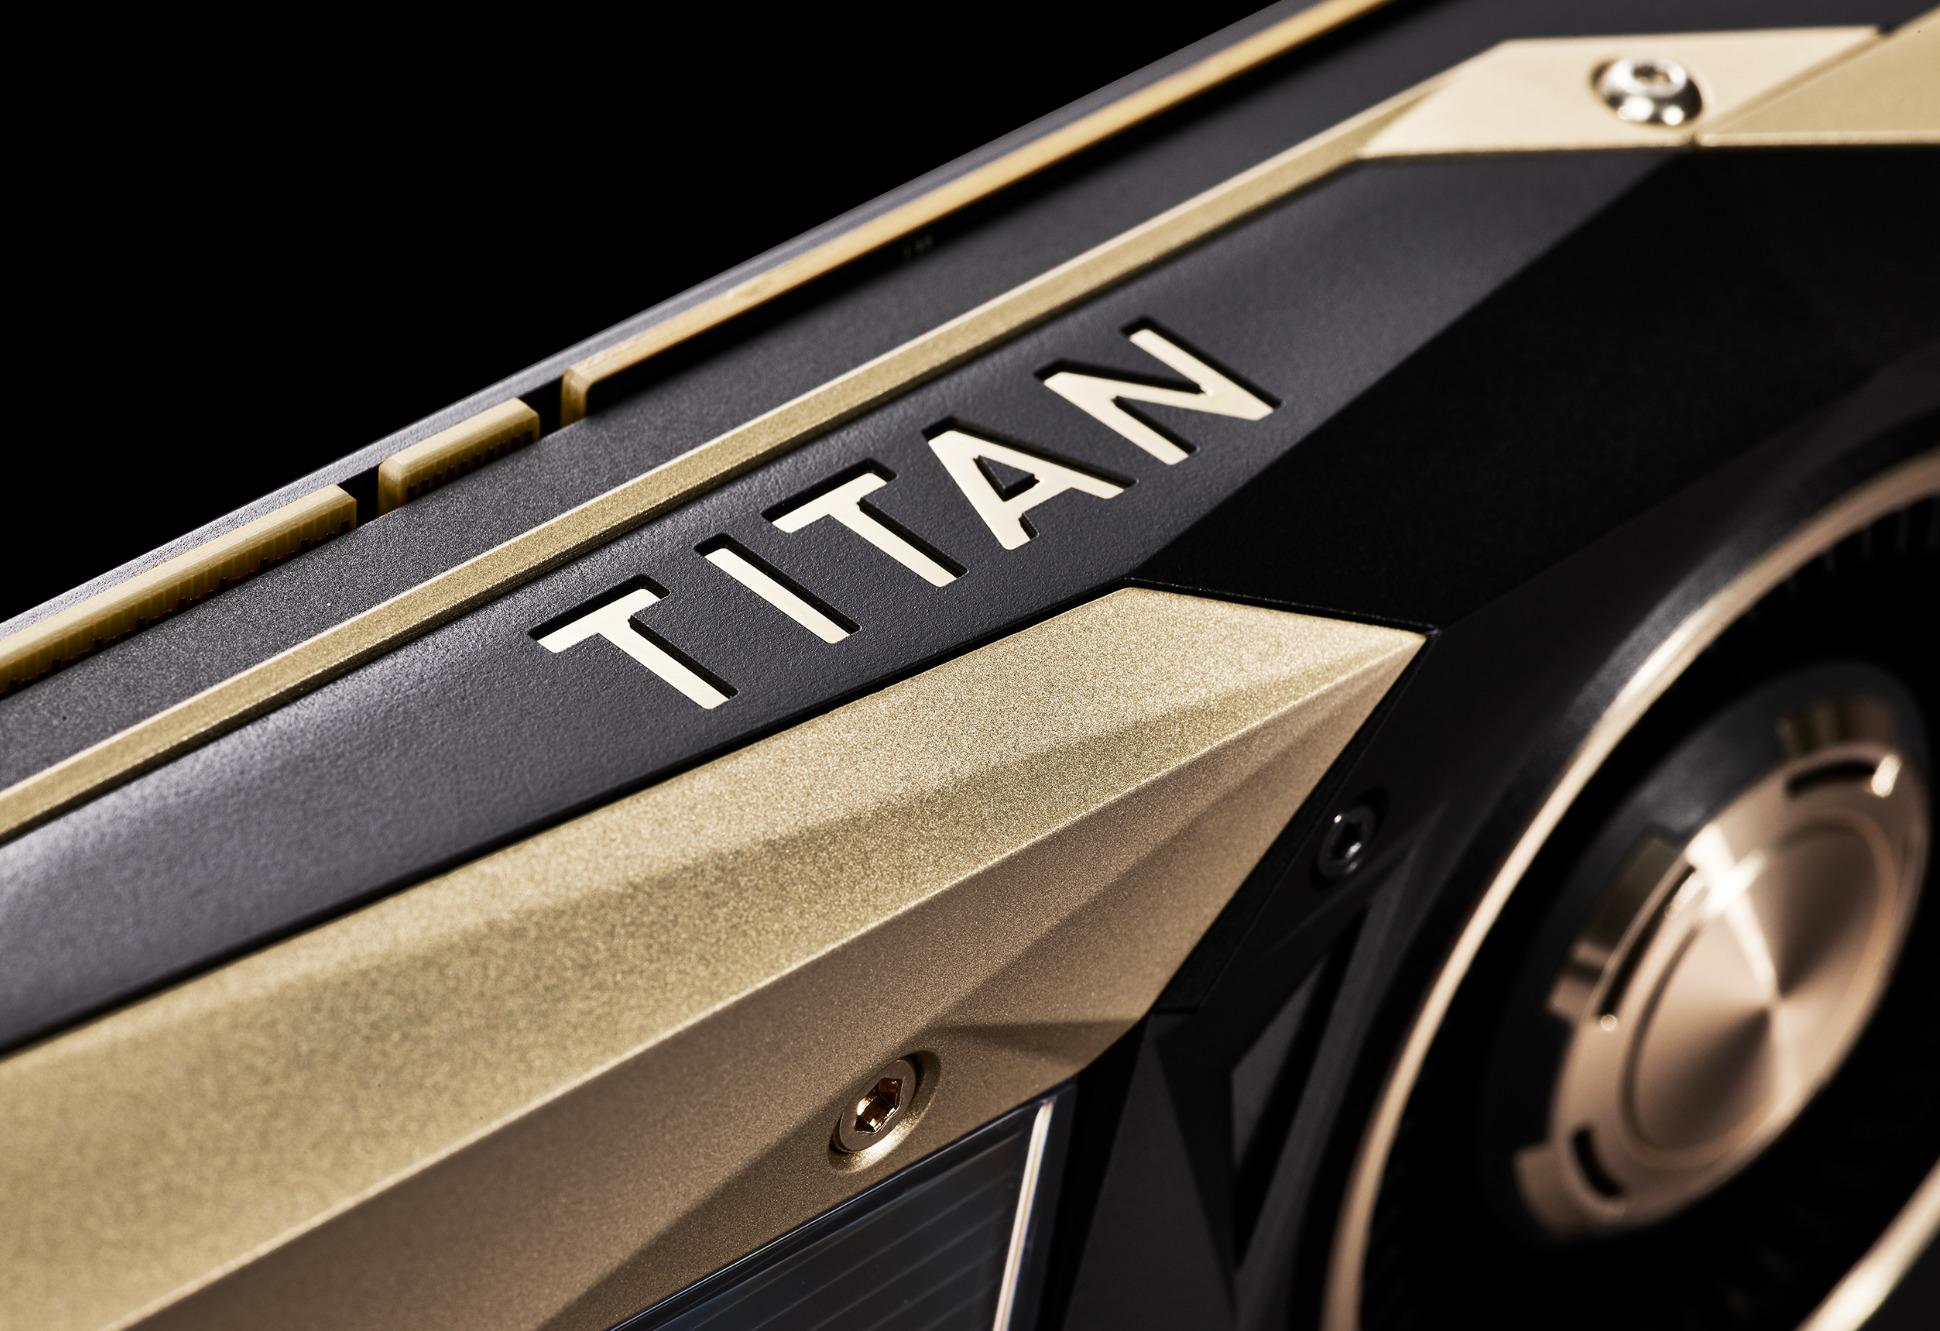 Nvidia's $2,999 Titan V is a 110 teraflop GPU for AI processing